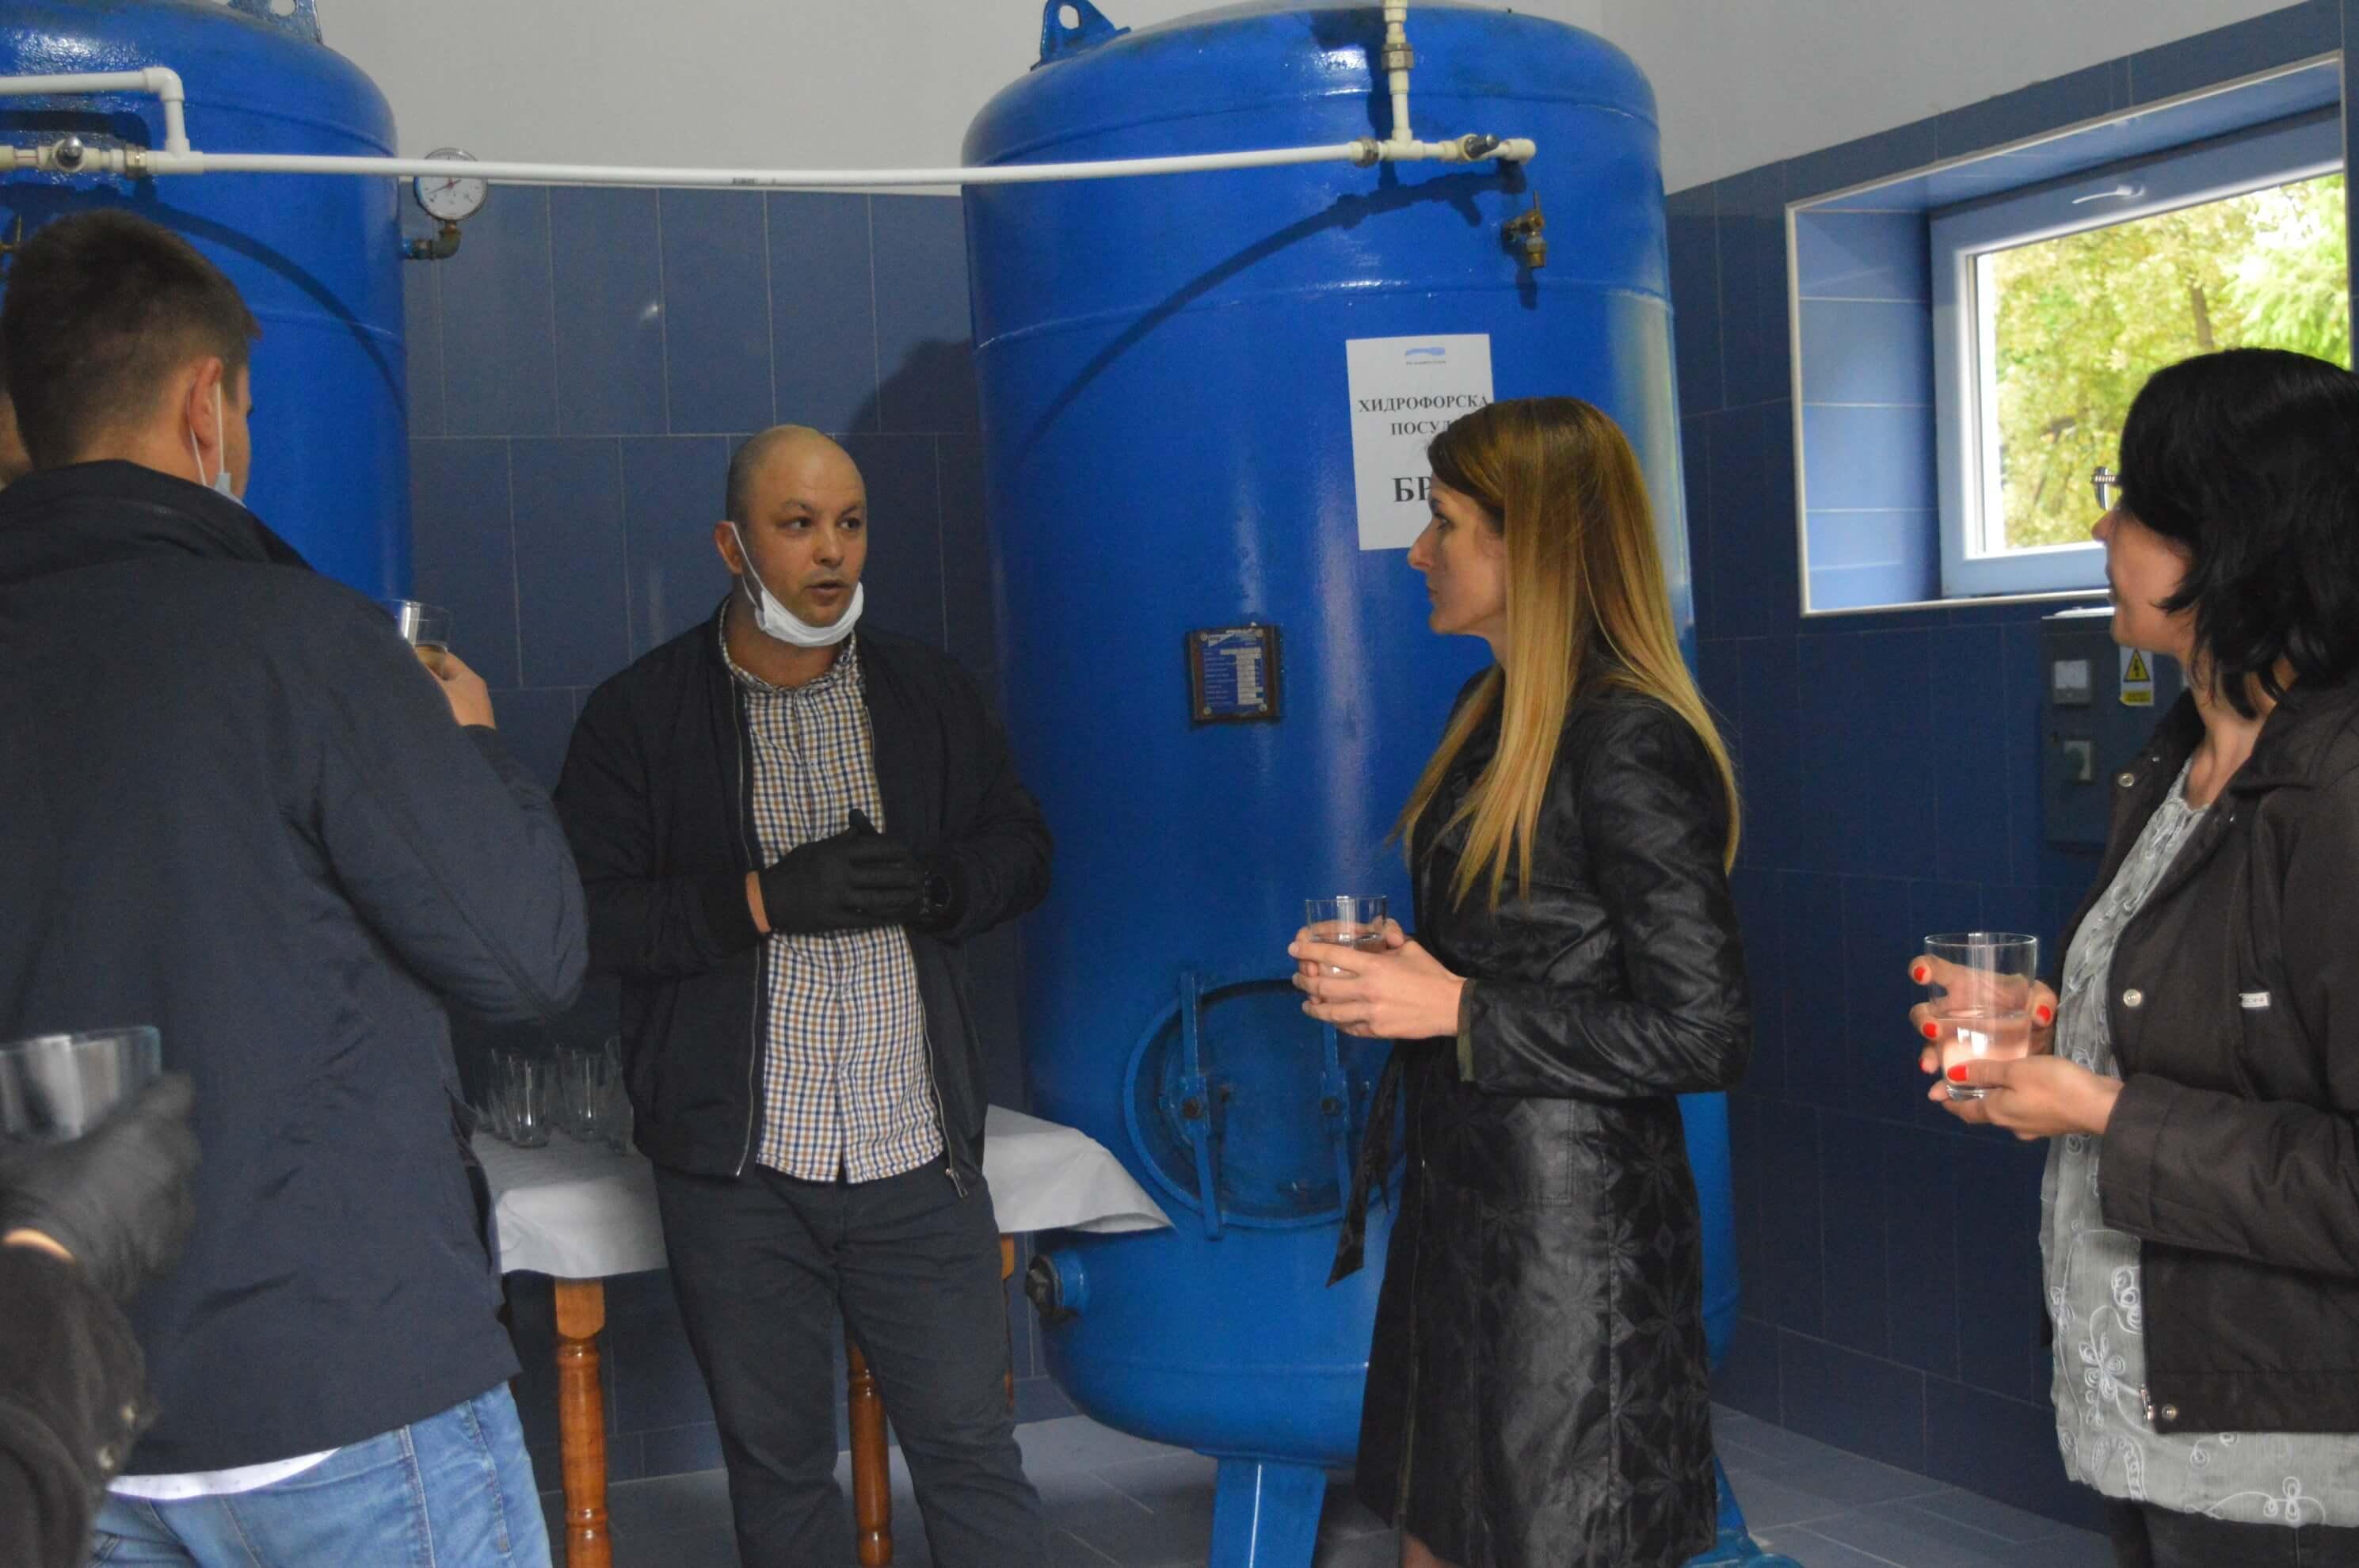 Дохлорна станица за пречишћавање воде у Колуту пуштена у рад